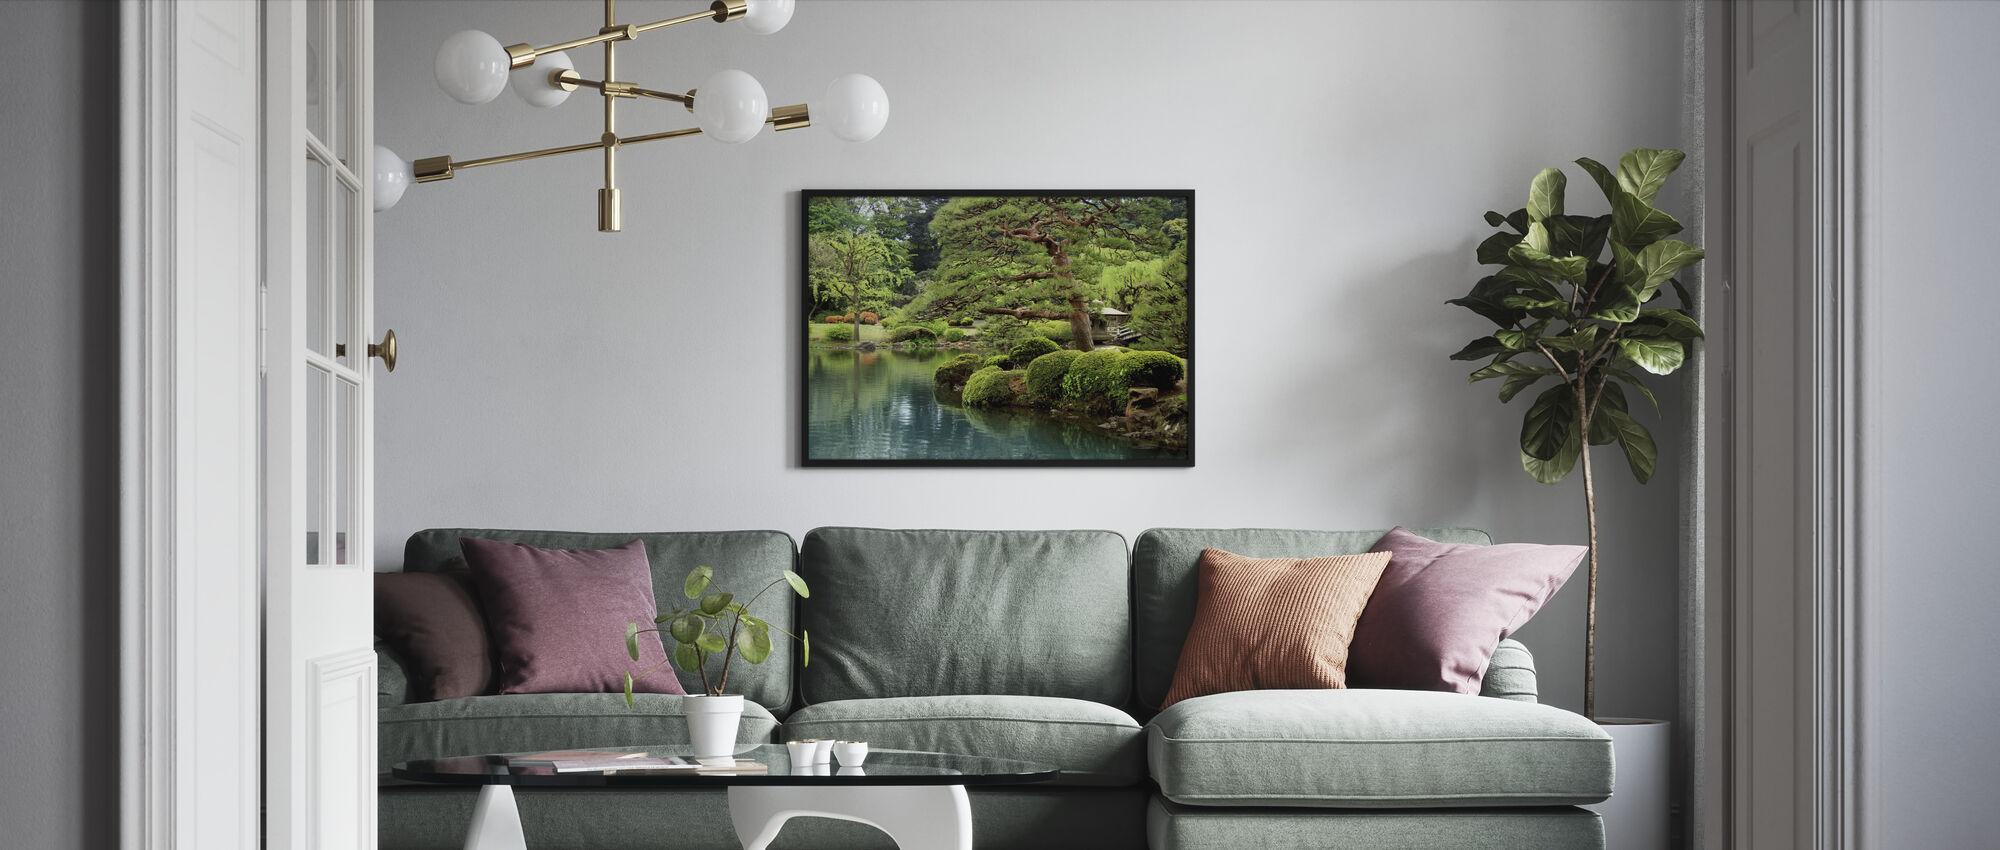 Rolig Zen Lake og Bonsai Træer i Tokyo Garden - Indrammet billede - Stue